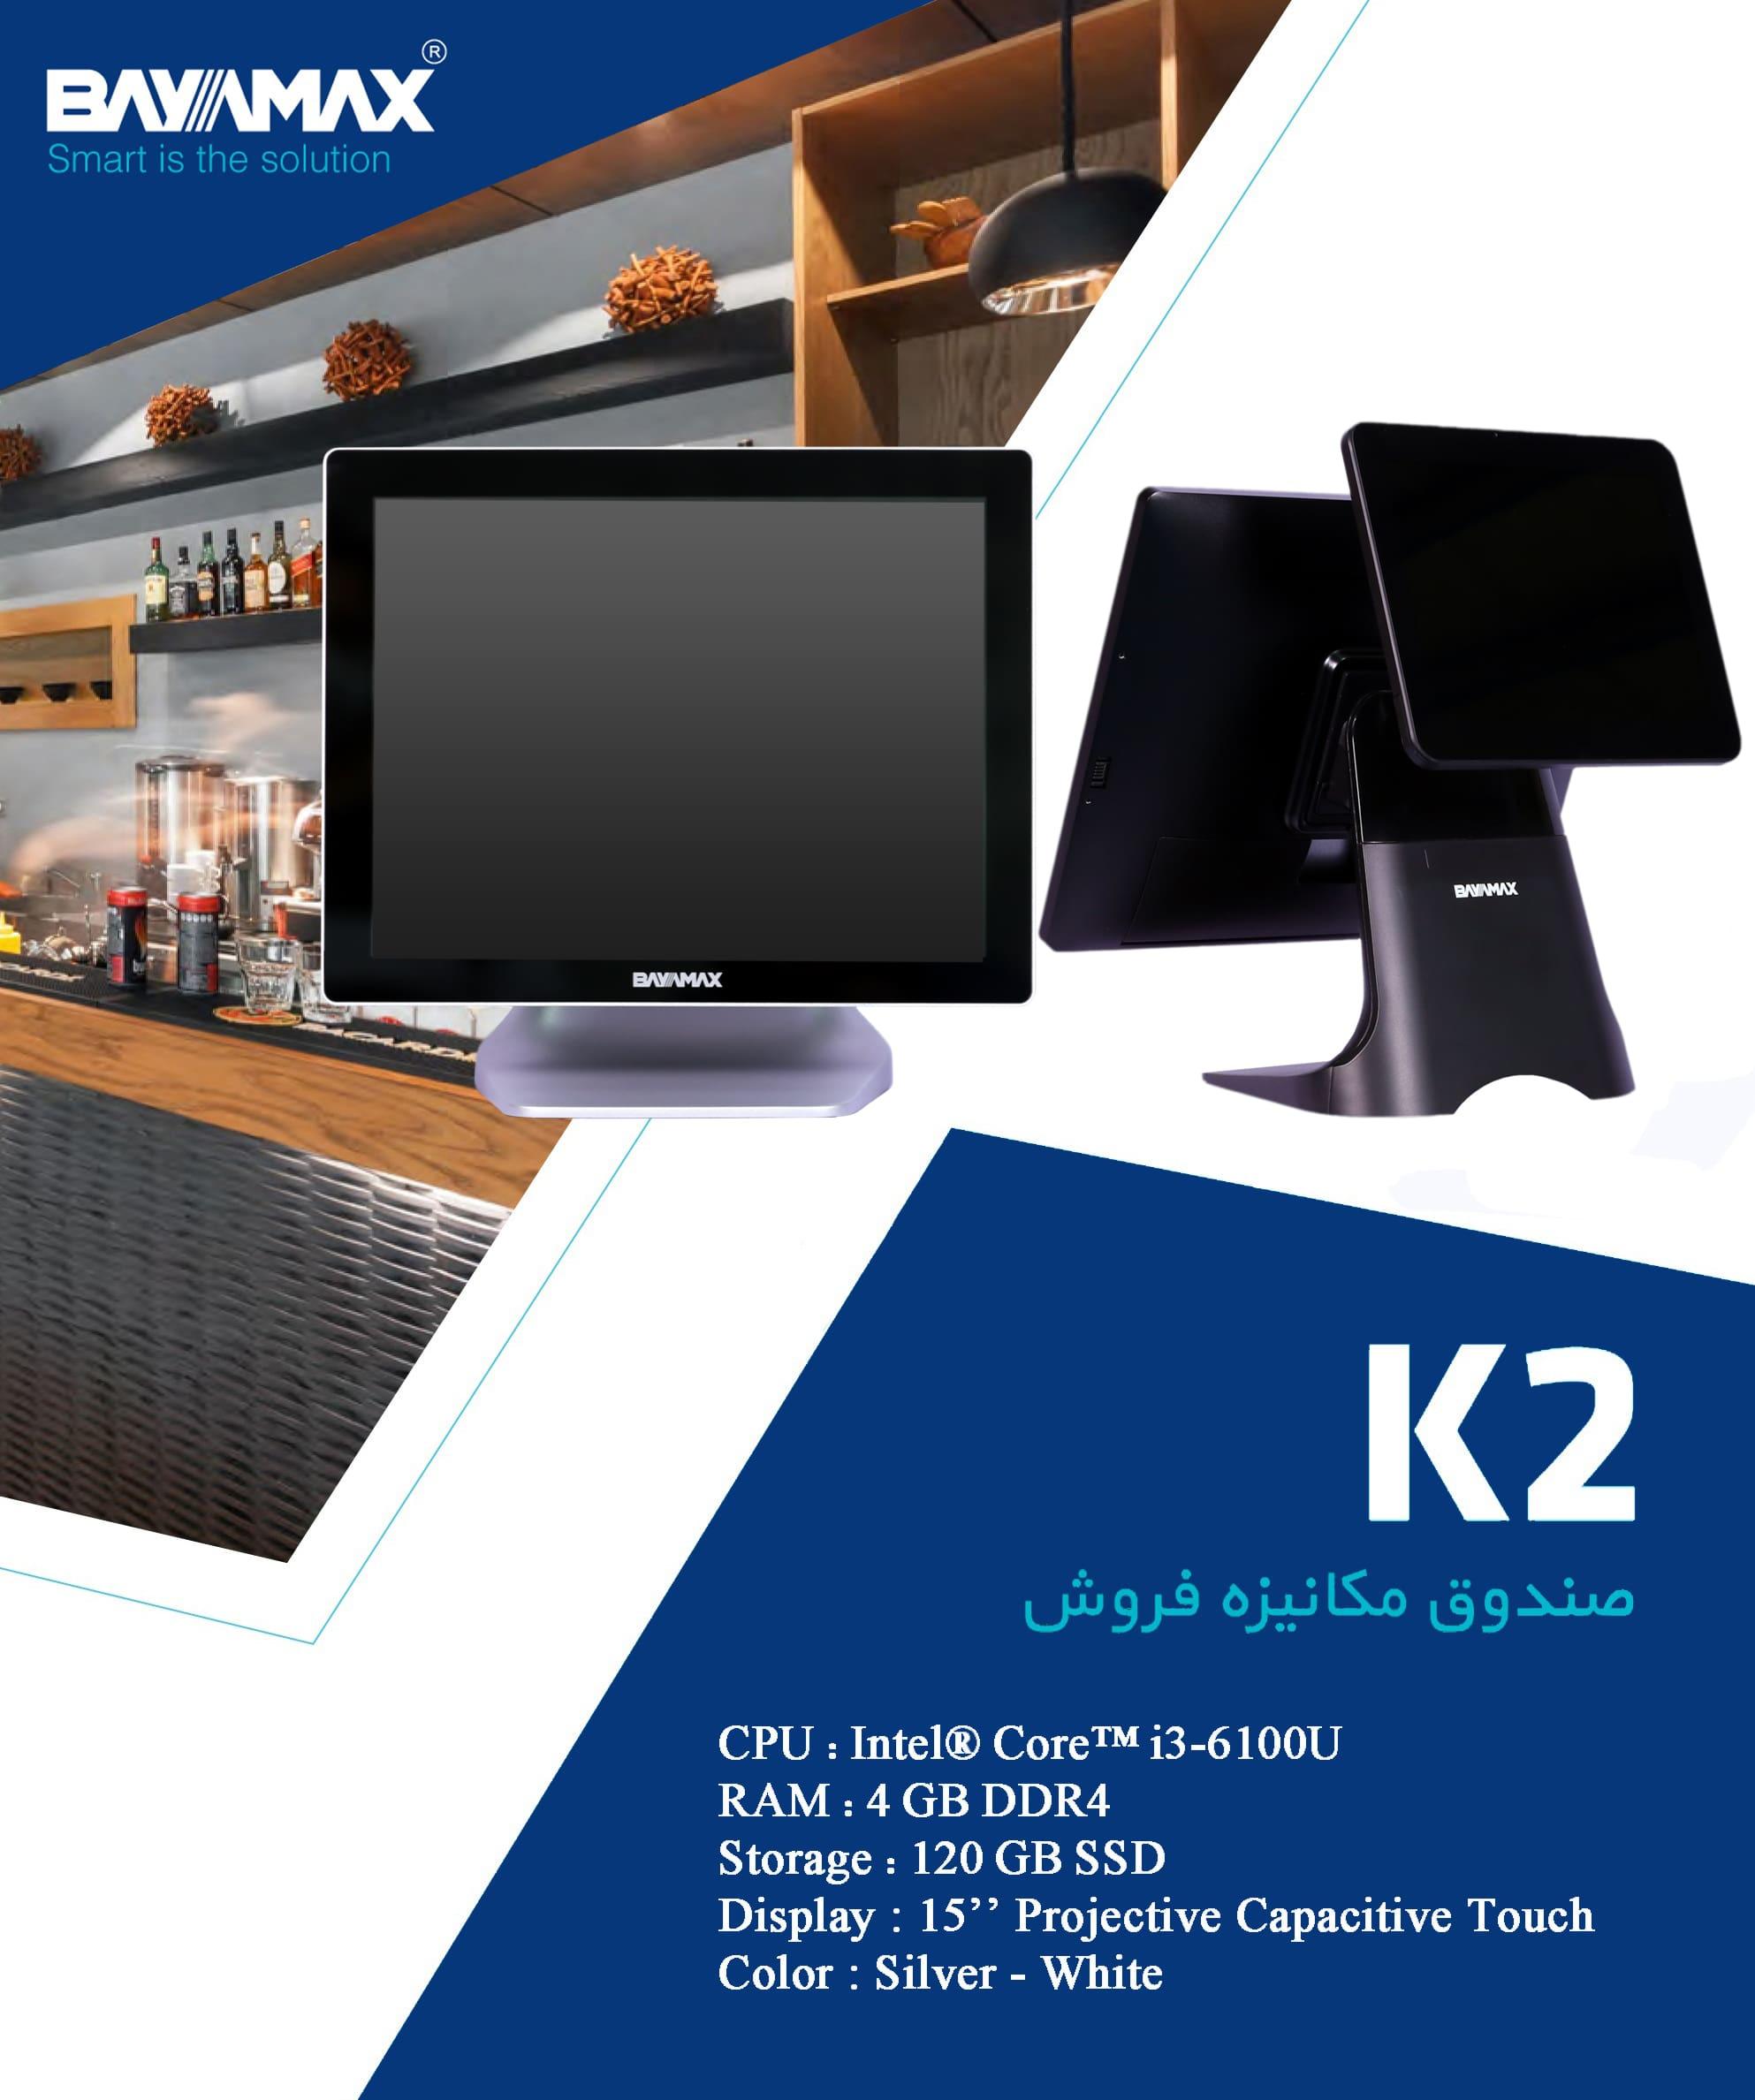 صندوق فروشگاهی لمسی بایامکس K2 سی پی یو Intel Core i3 6100U رم 4GB